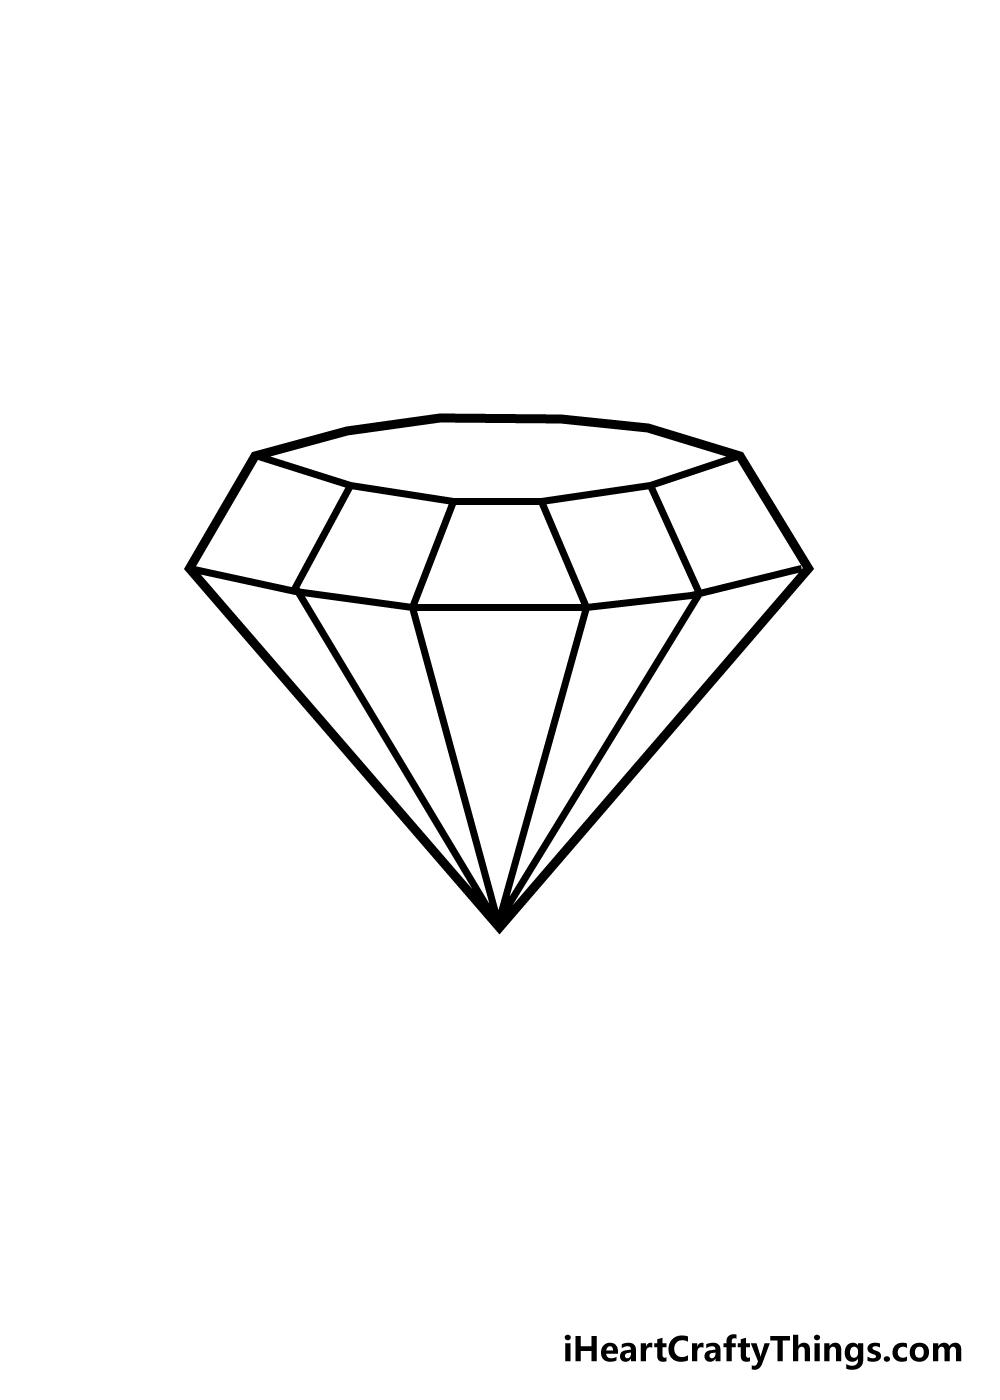 diamond drawing step 5